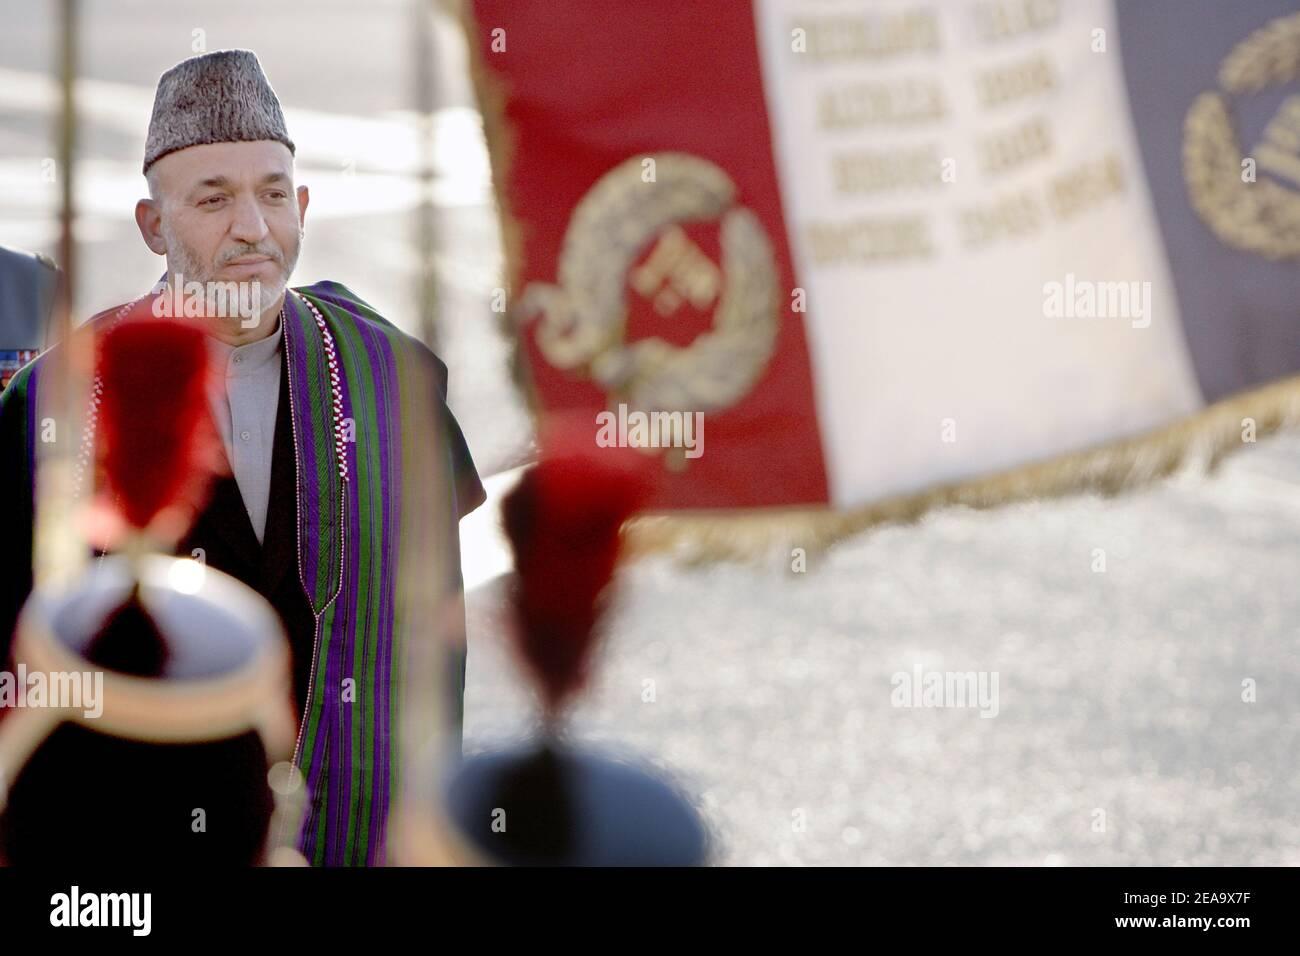 Le président afghan Hamid Karzaï arrive à l'aéroport d'Orly, près de Paris, en France, le 2 octobre 2005. Karzaï est en visite officielle de quatre jours en France, où il discutera avec le président Jacques Chirac et cherchera à obtenir un soutien continu pour la reconstruction de l'Afghanistan ravagé par la guerre, ont déclaré les responsables. Photo de Mousse/ABACAPRESS.COM. Banque D'Images